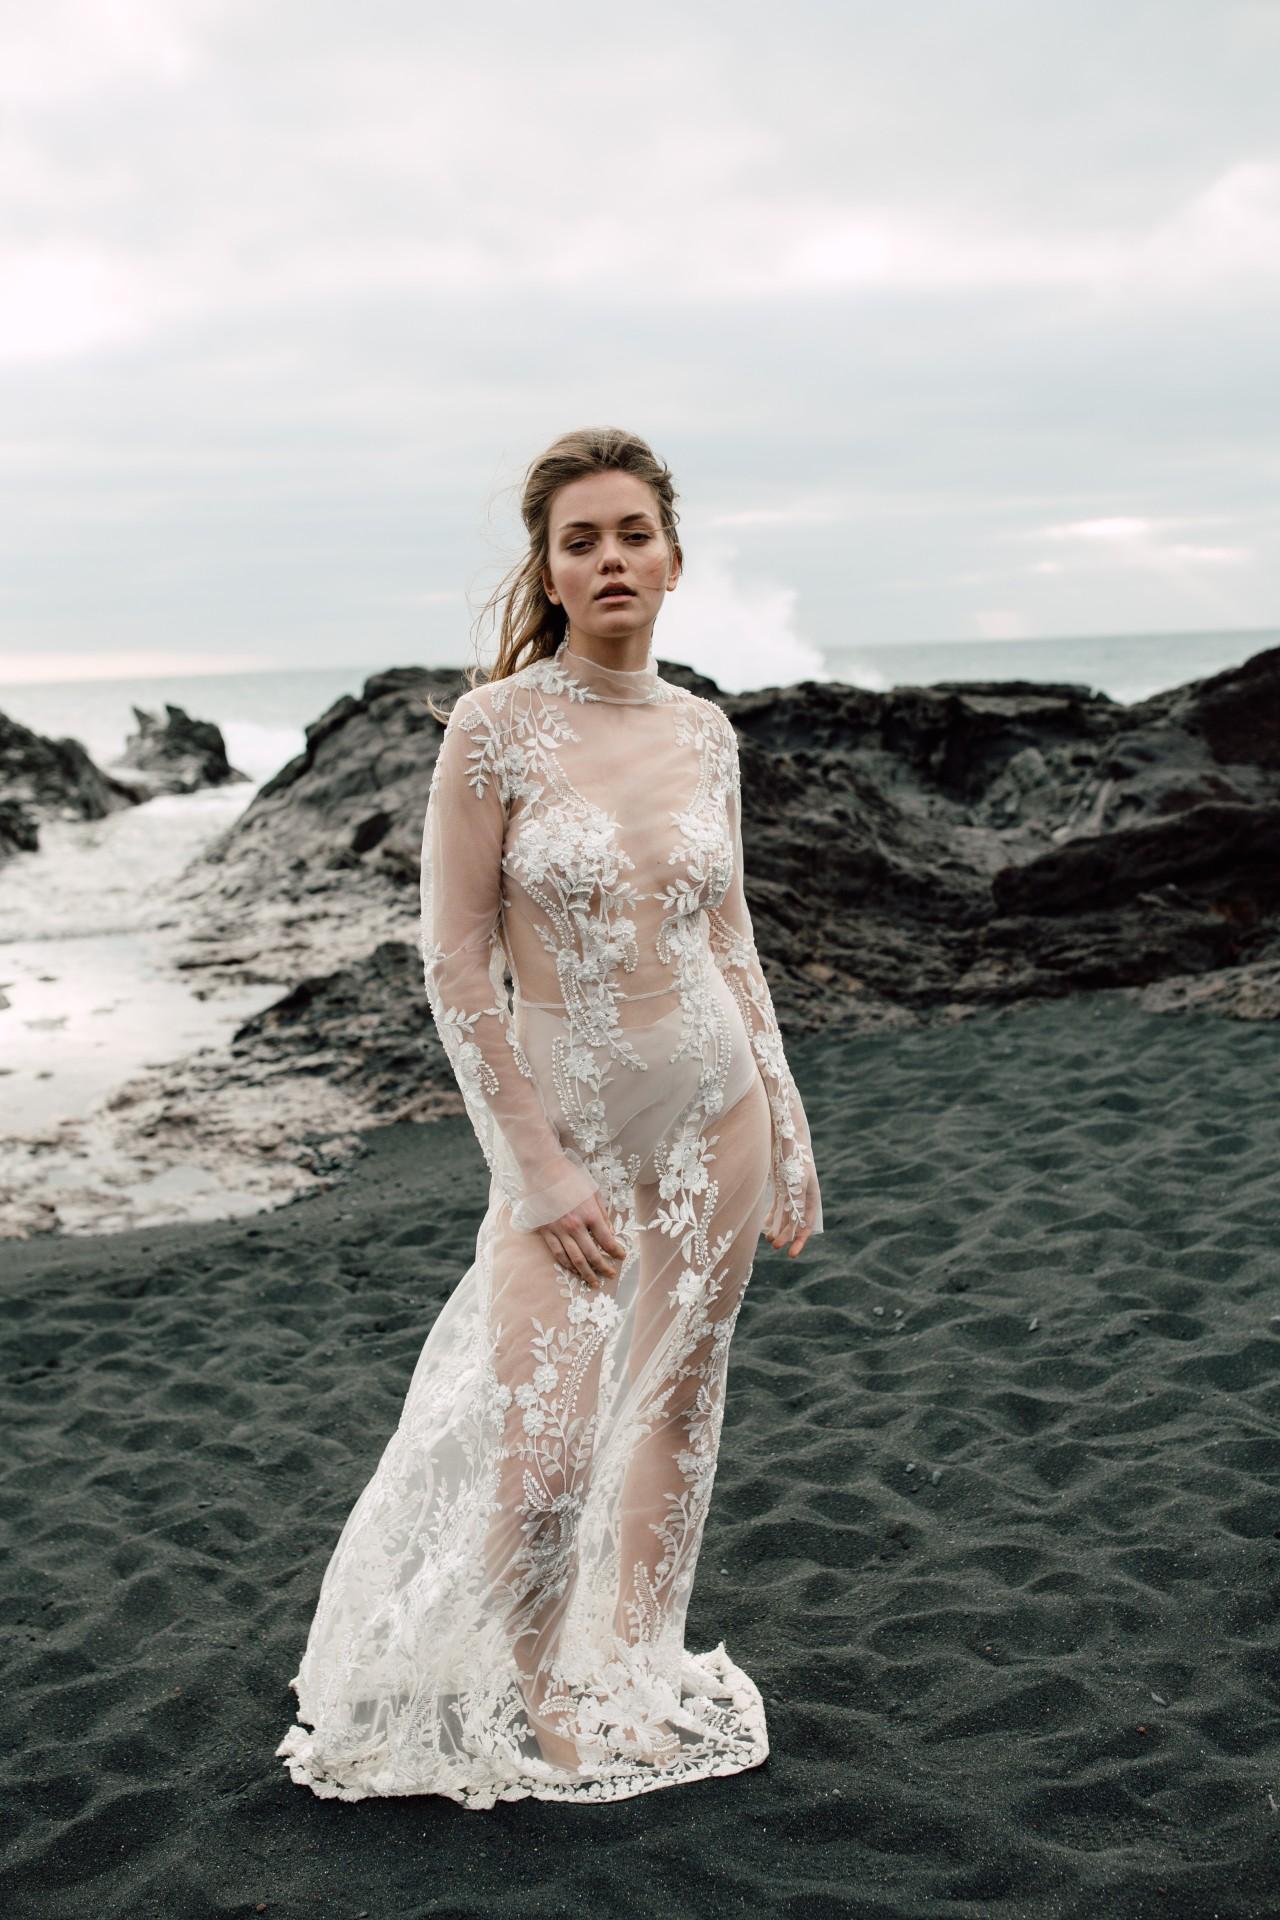 ALYSHA DRESS - Aufwändig von Hand besticktes Kleid mit Perlen. Stehkragen. Lange Ärmel. Knopfleiste in der hinteren Mitte. Futter aus Seide in ivory oder nude im Preis inbegriffen.Material: 100% PES / 100% SE4.760 €